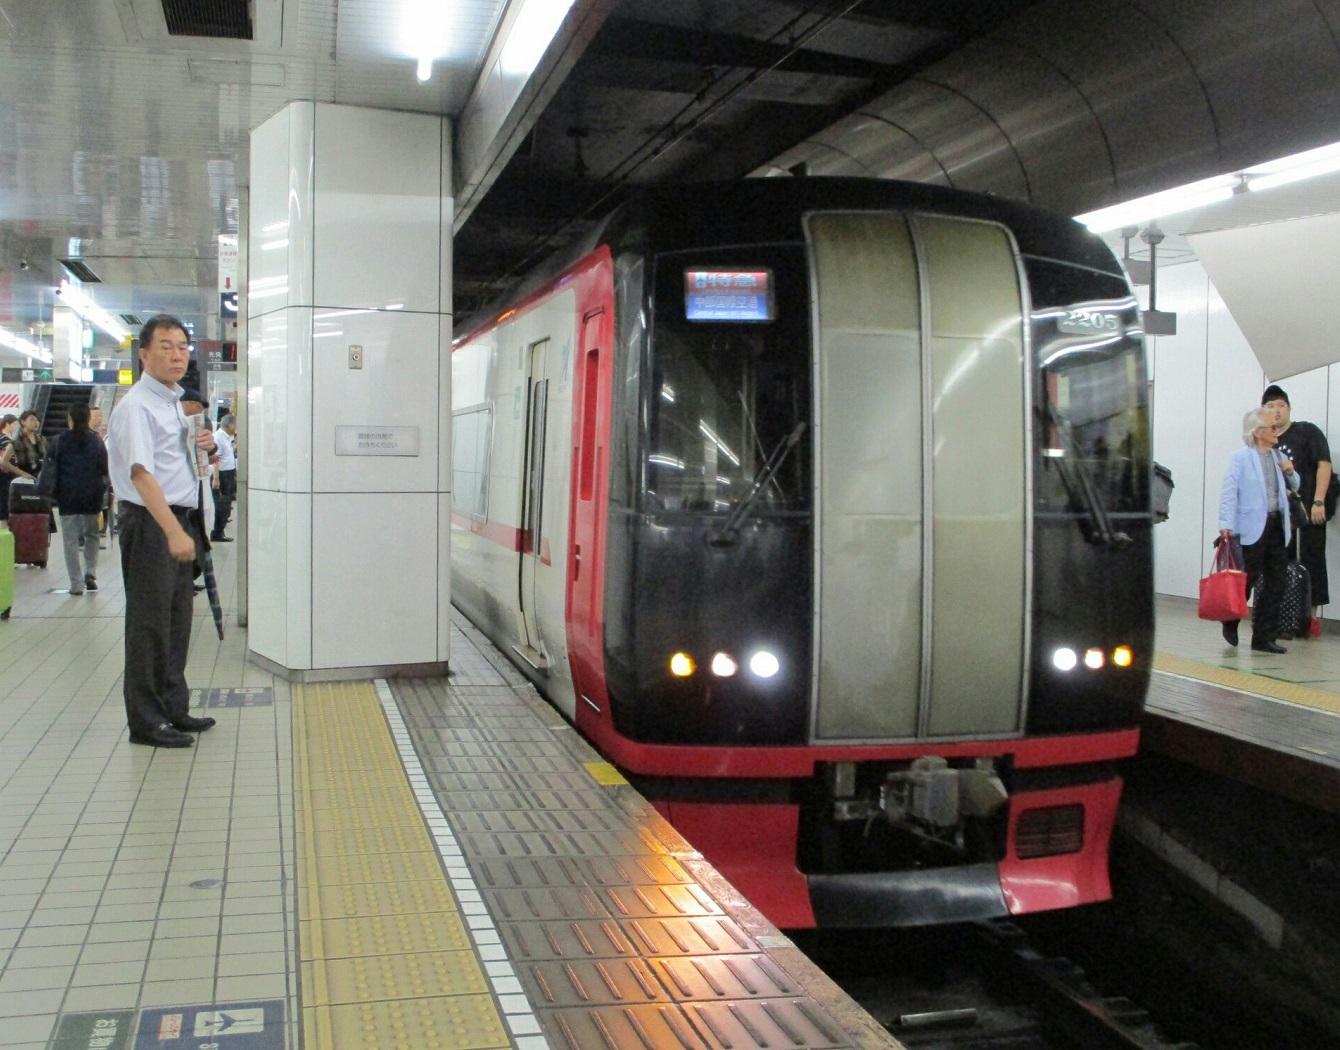 2018.8.23 (13) 名古屋 - セントレアいき特急 1340-1050